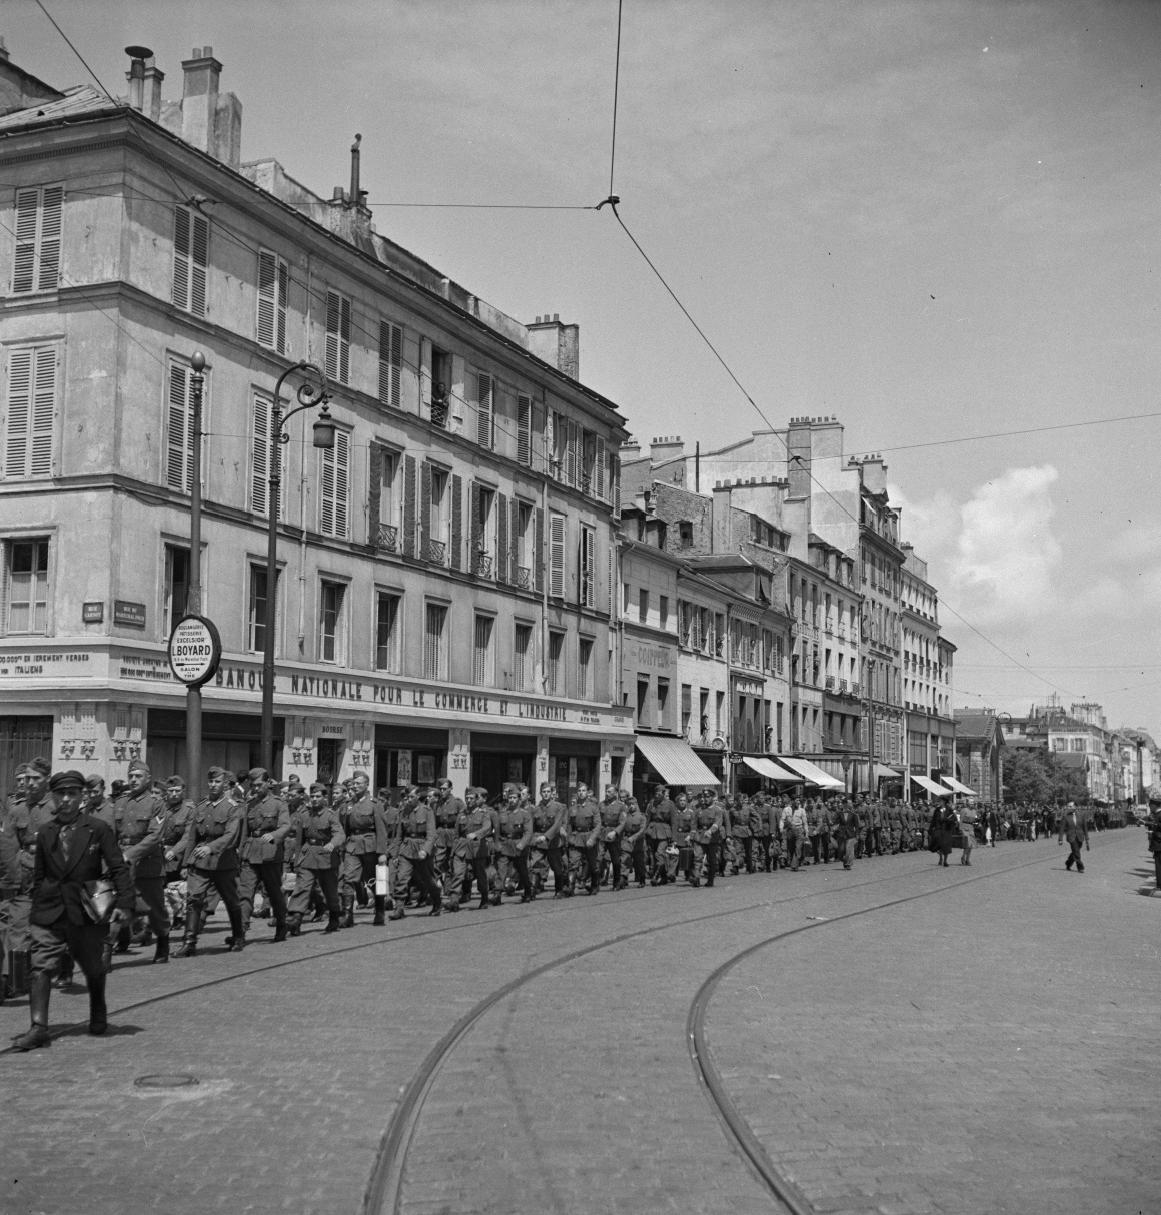 27. Легионеры проходят колонной к вокзалу по городским улицам